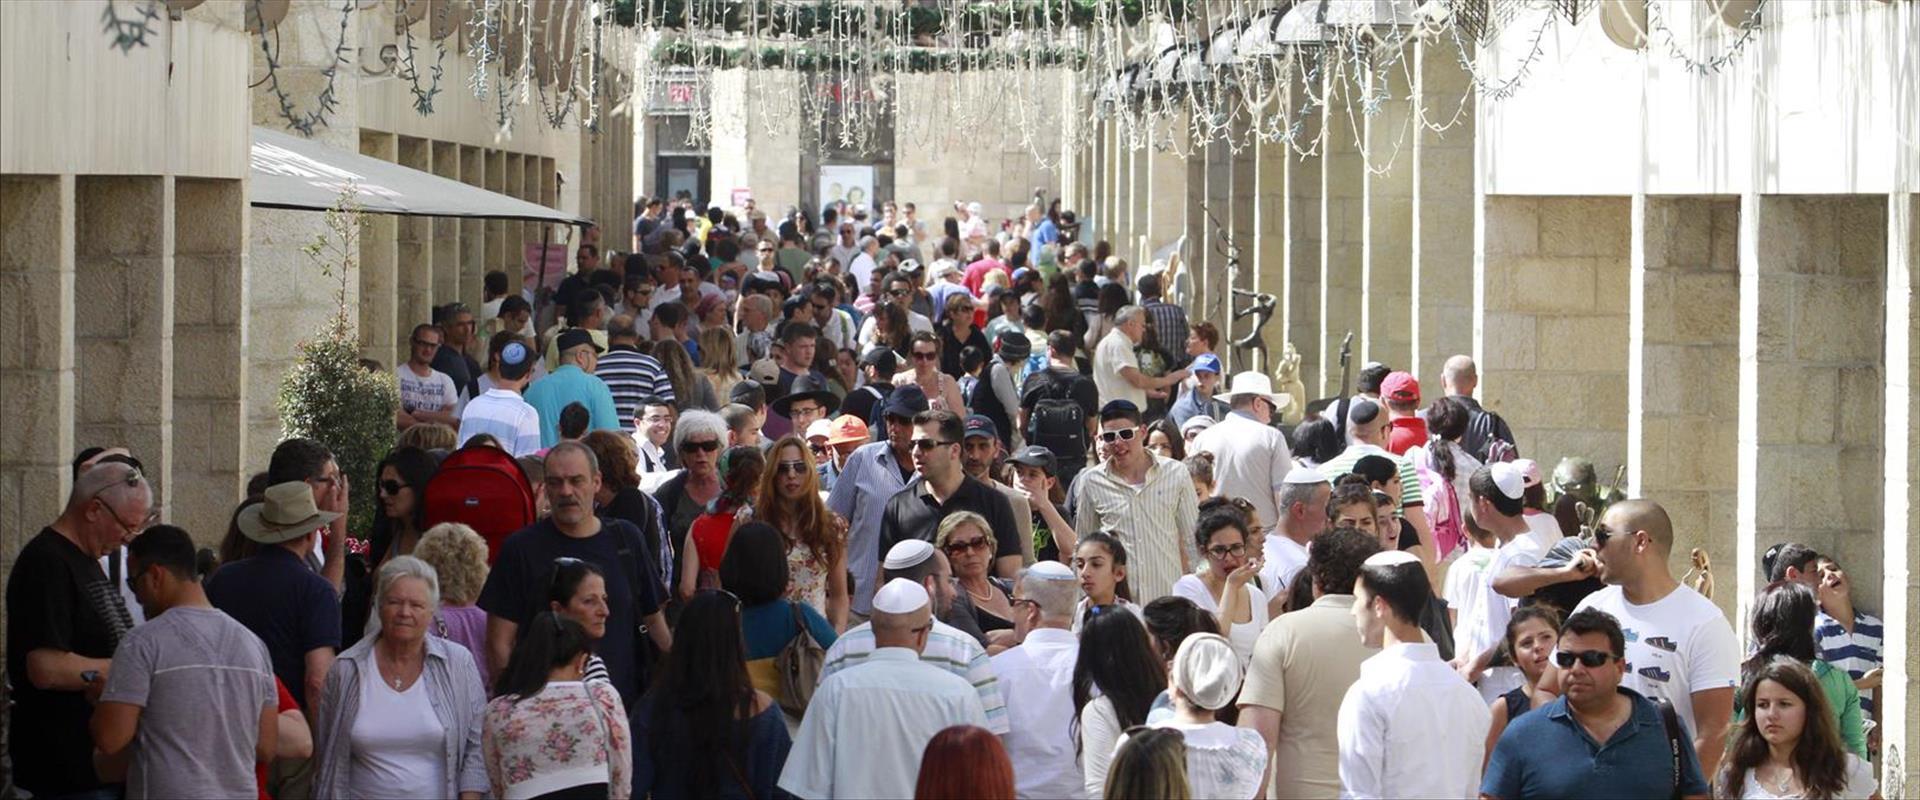 קניון ממילא בירושלים בפסח 2012